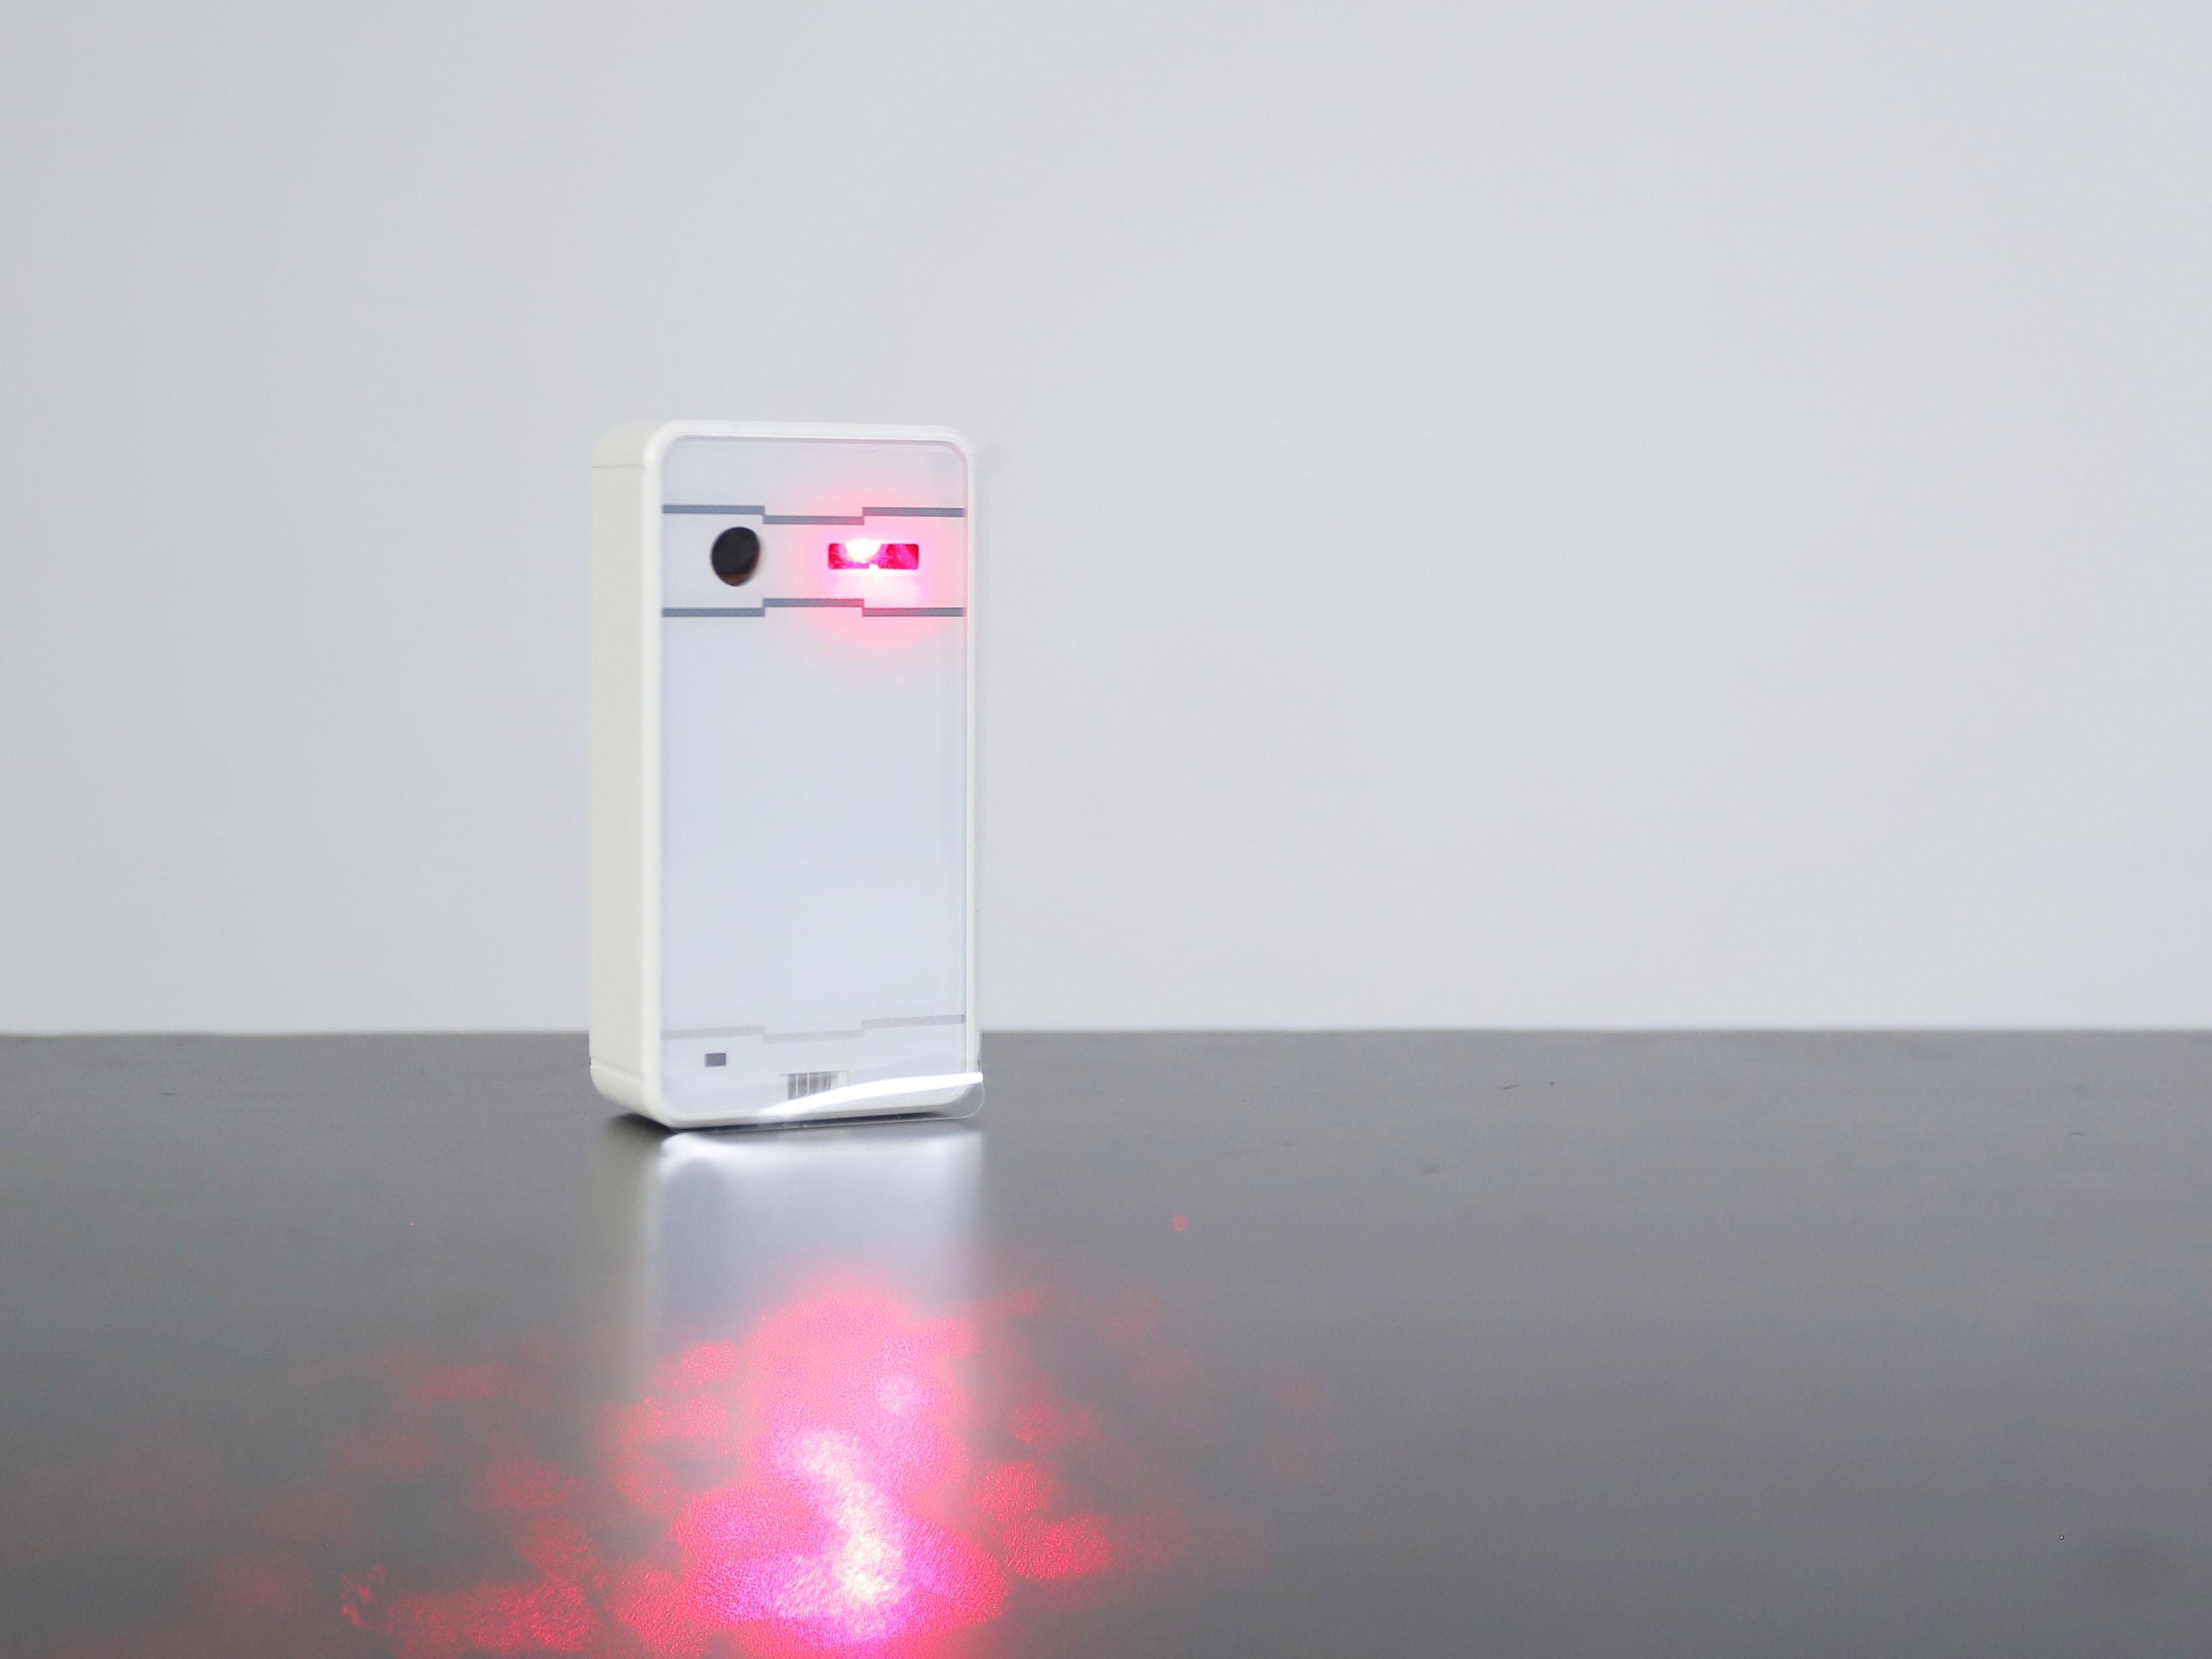 【國慶特別版】虛擬激光鍵盤